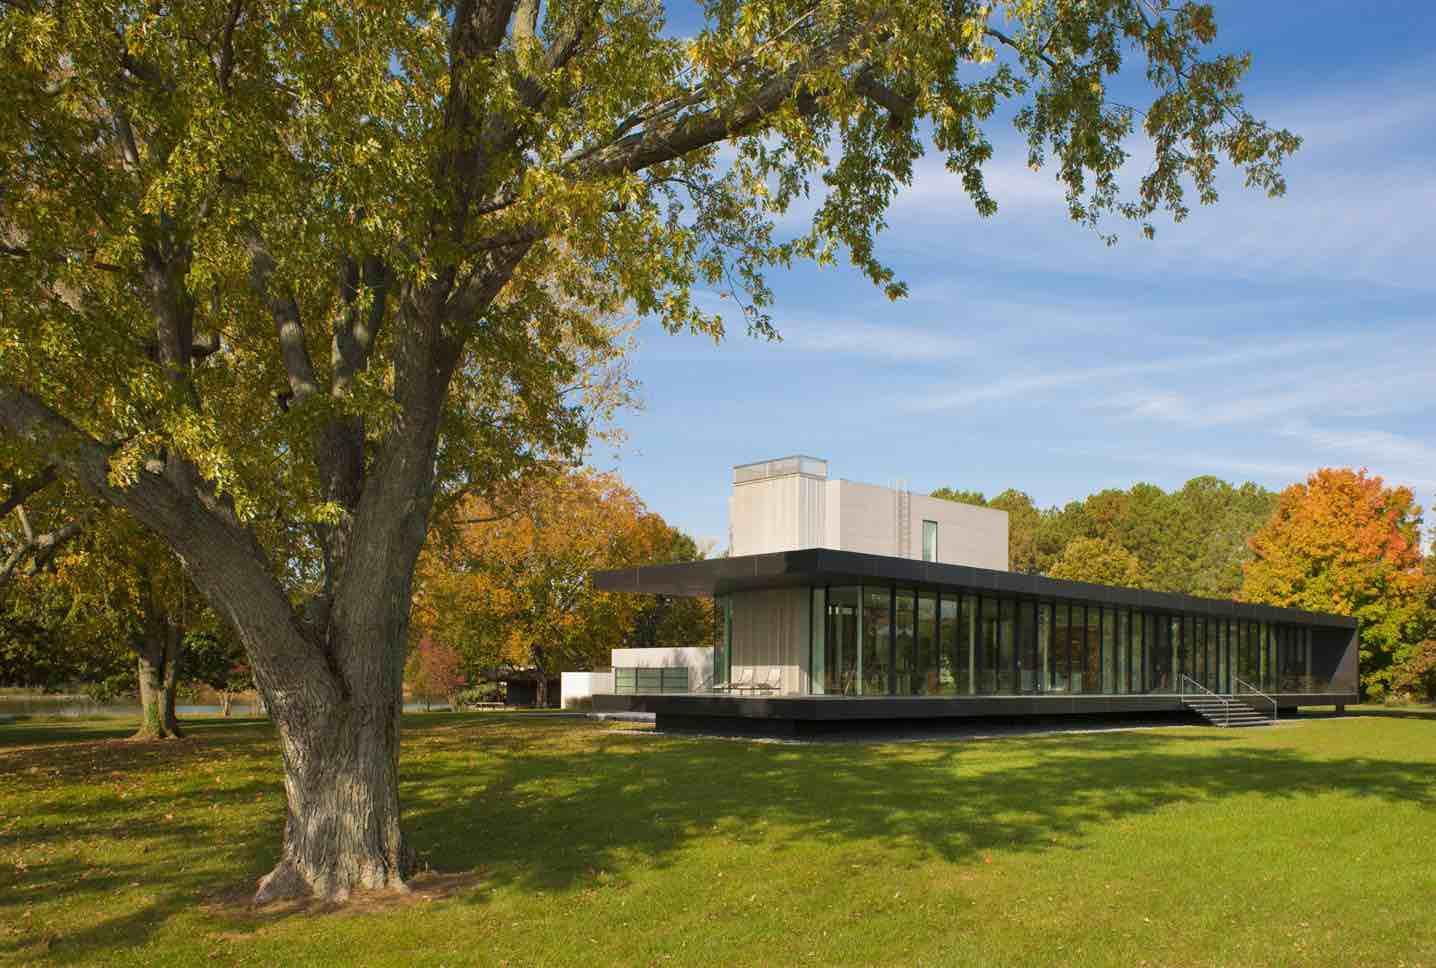 tred-avon-river-house-robert-m-gurney-architect_mackenzie-gurney-guttmanresidence-4